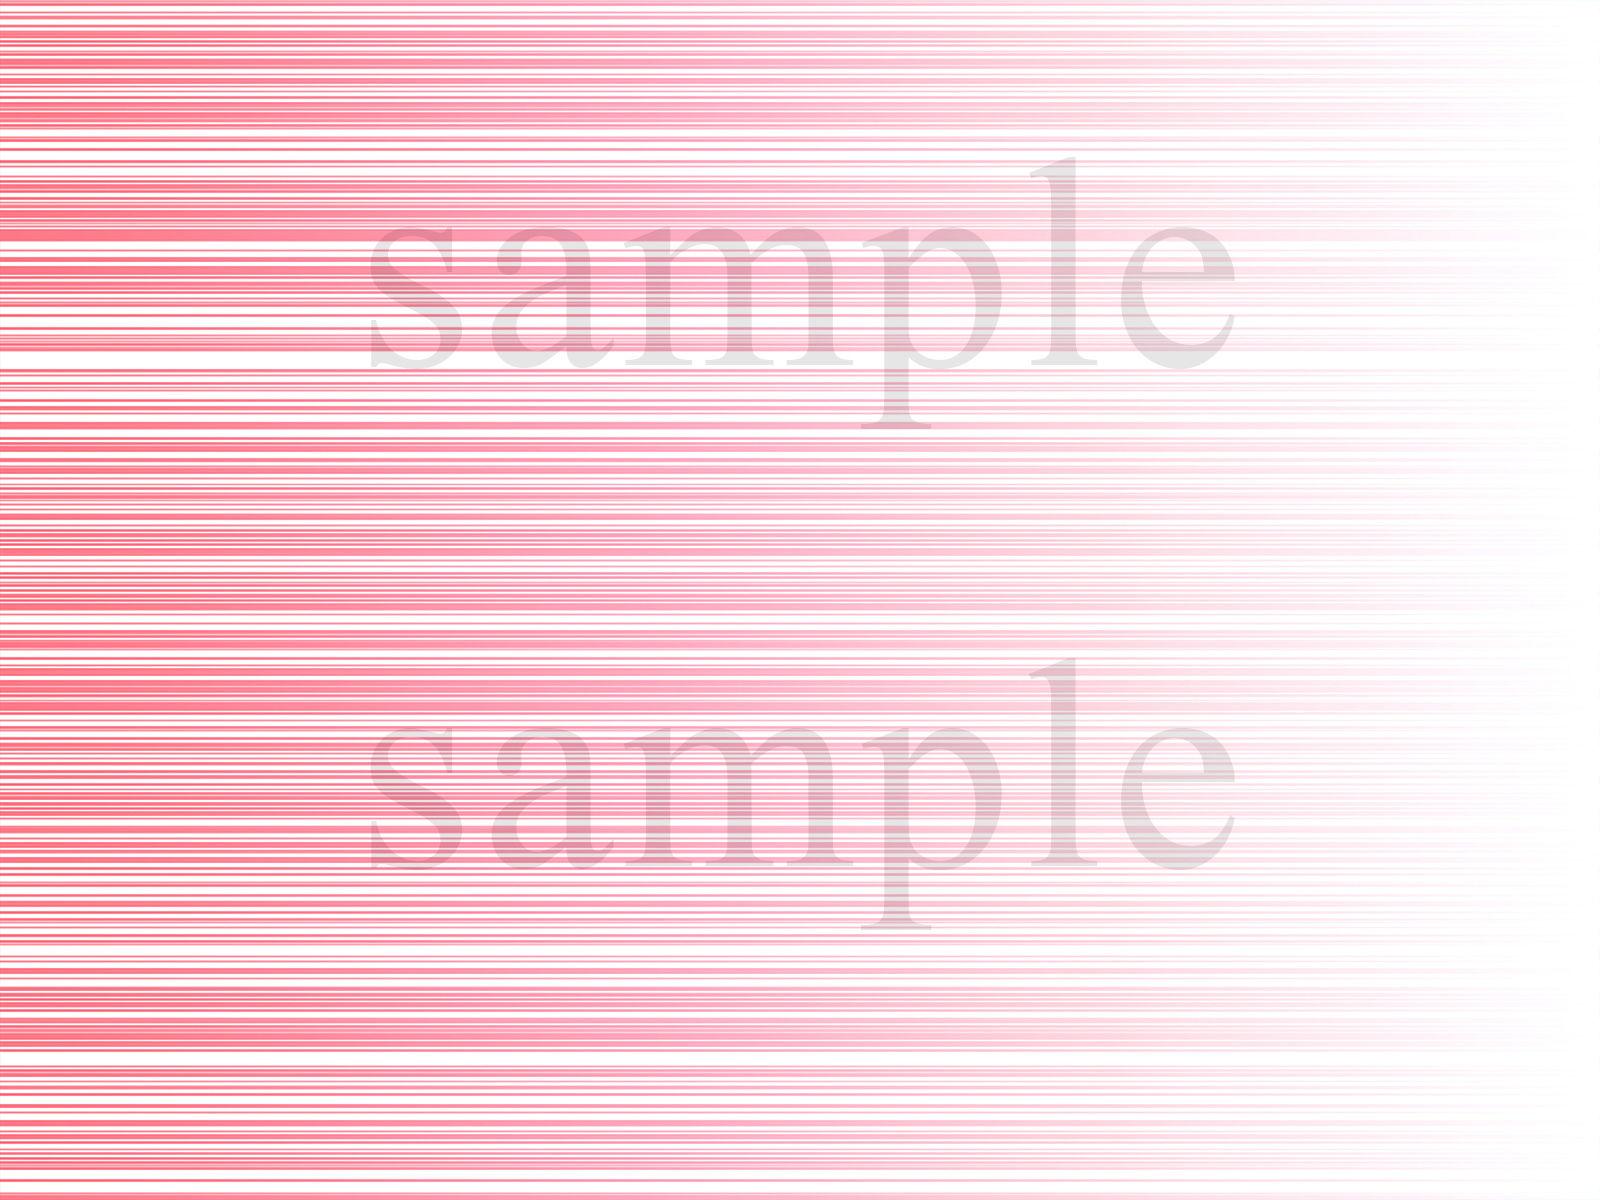 サンプル画像4:著作権フリー画像素材「スピード線背景 Vol.2」(ティービースター) [d_190380]